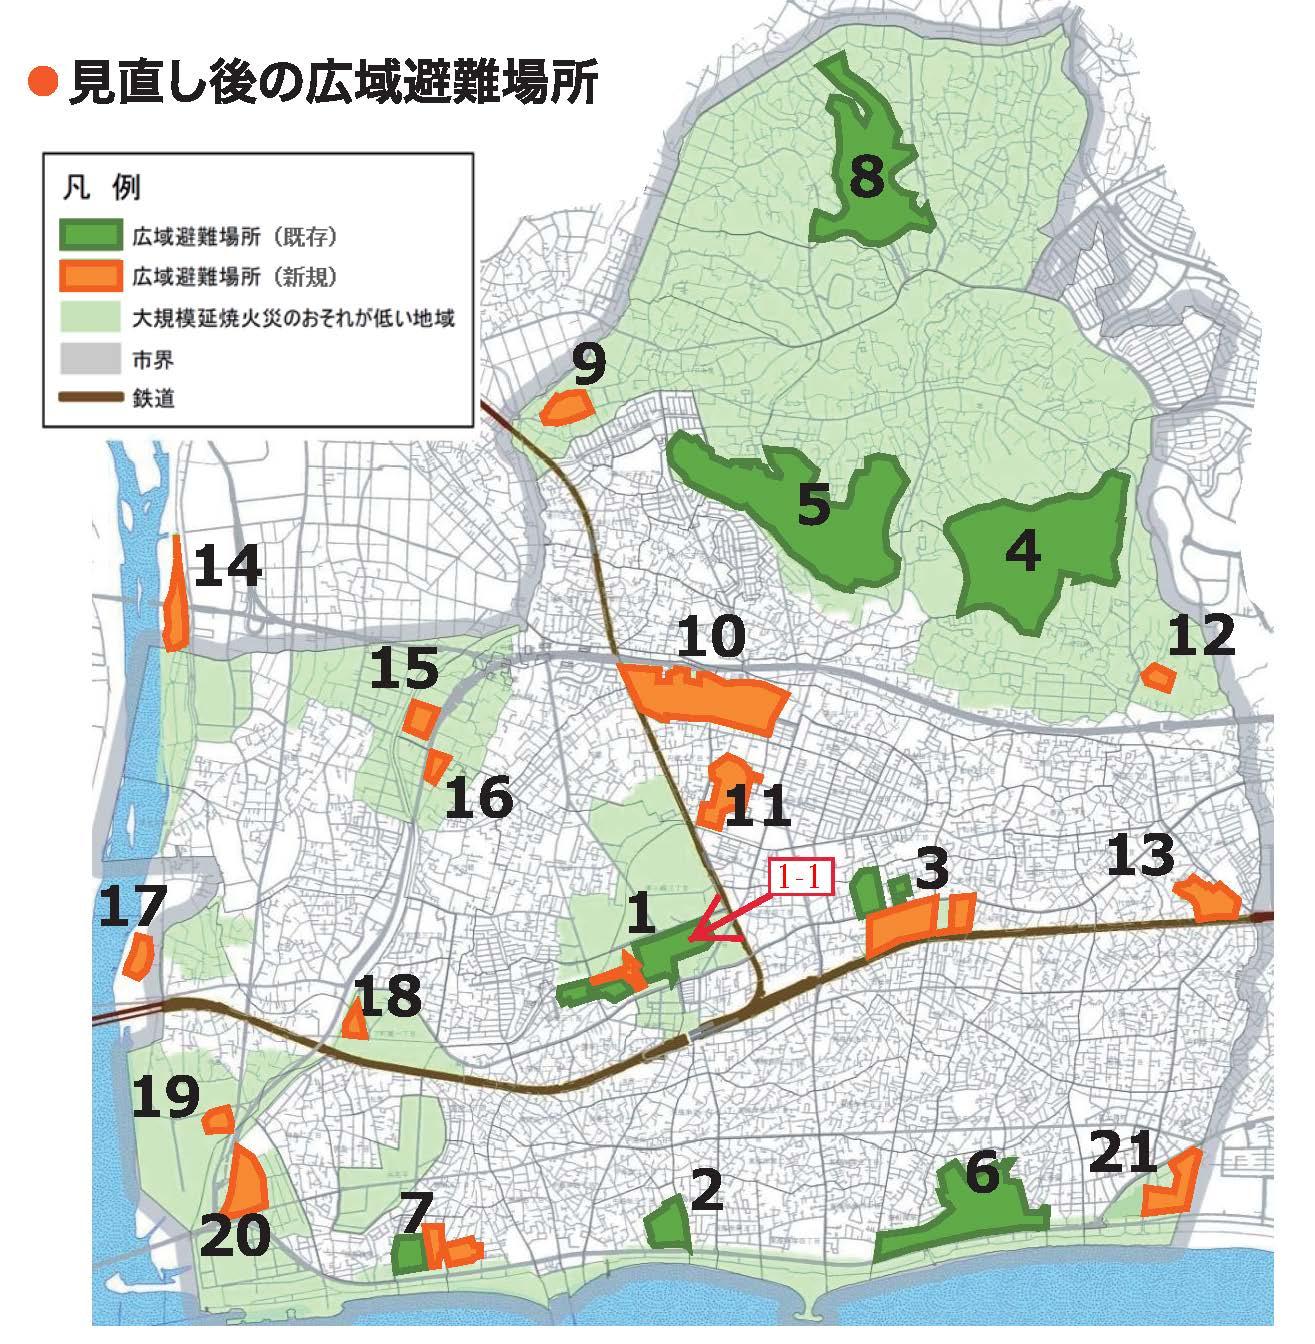 1-1.広域避難場所_茅ヶ崎市地図